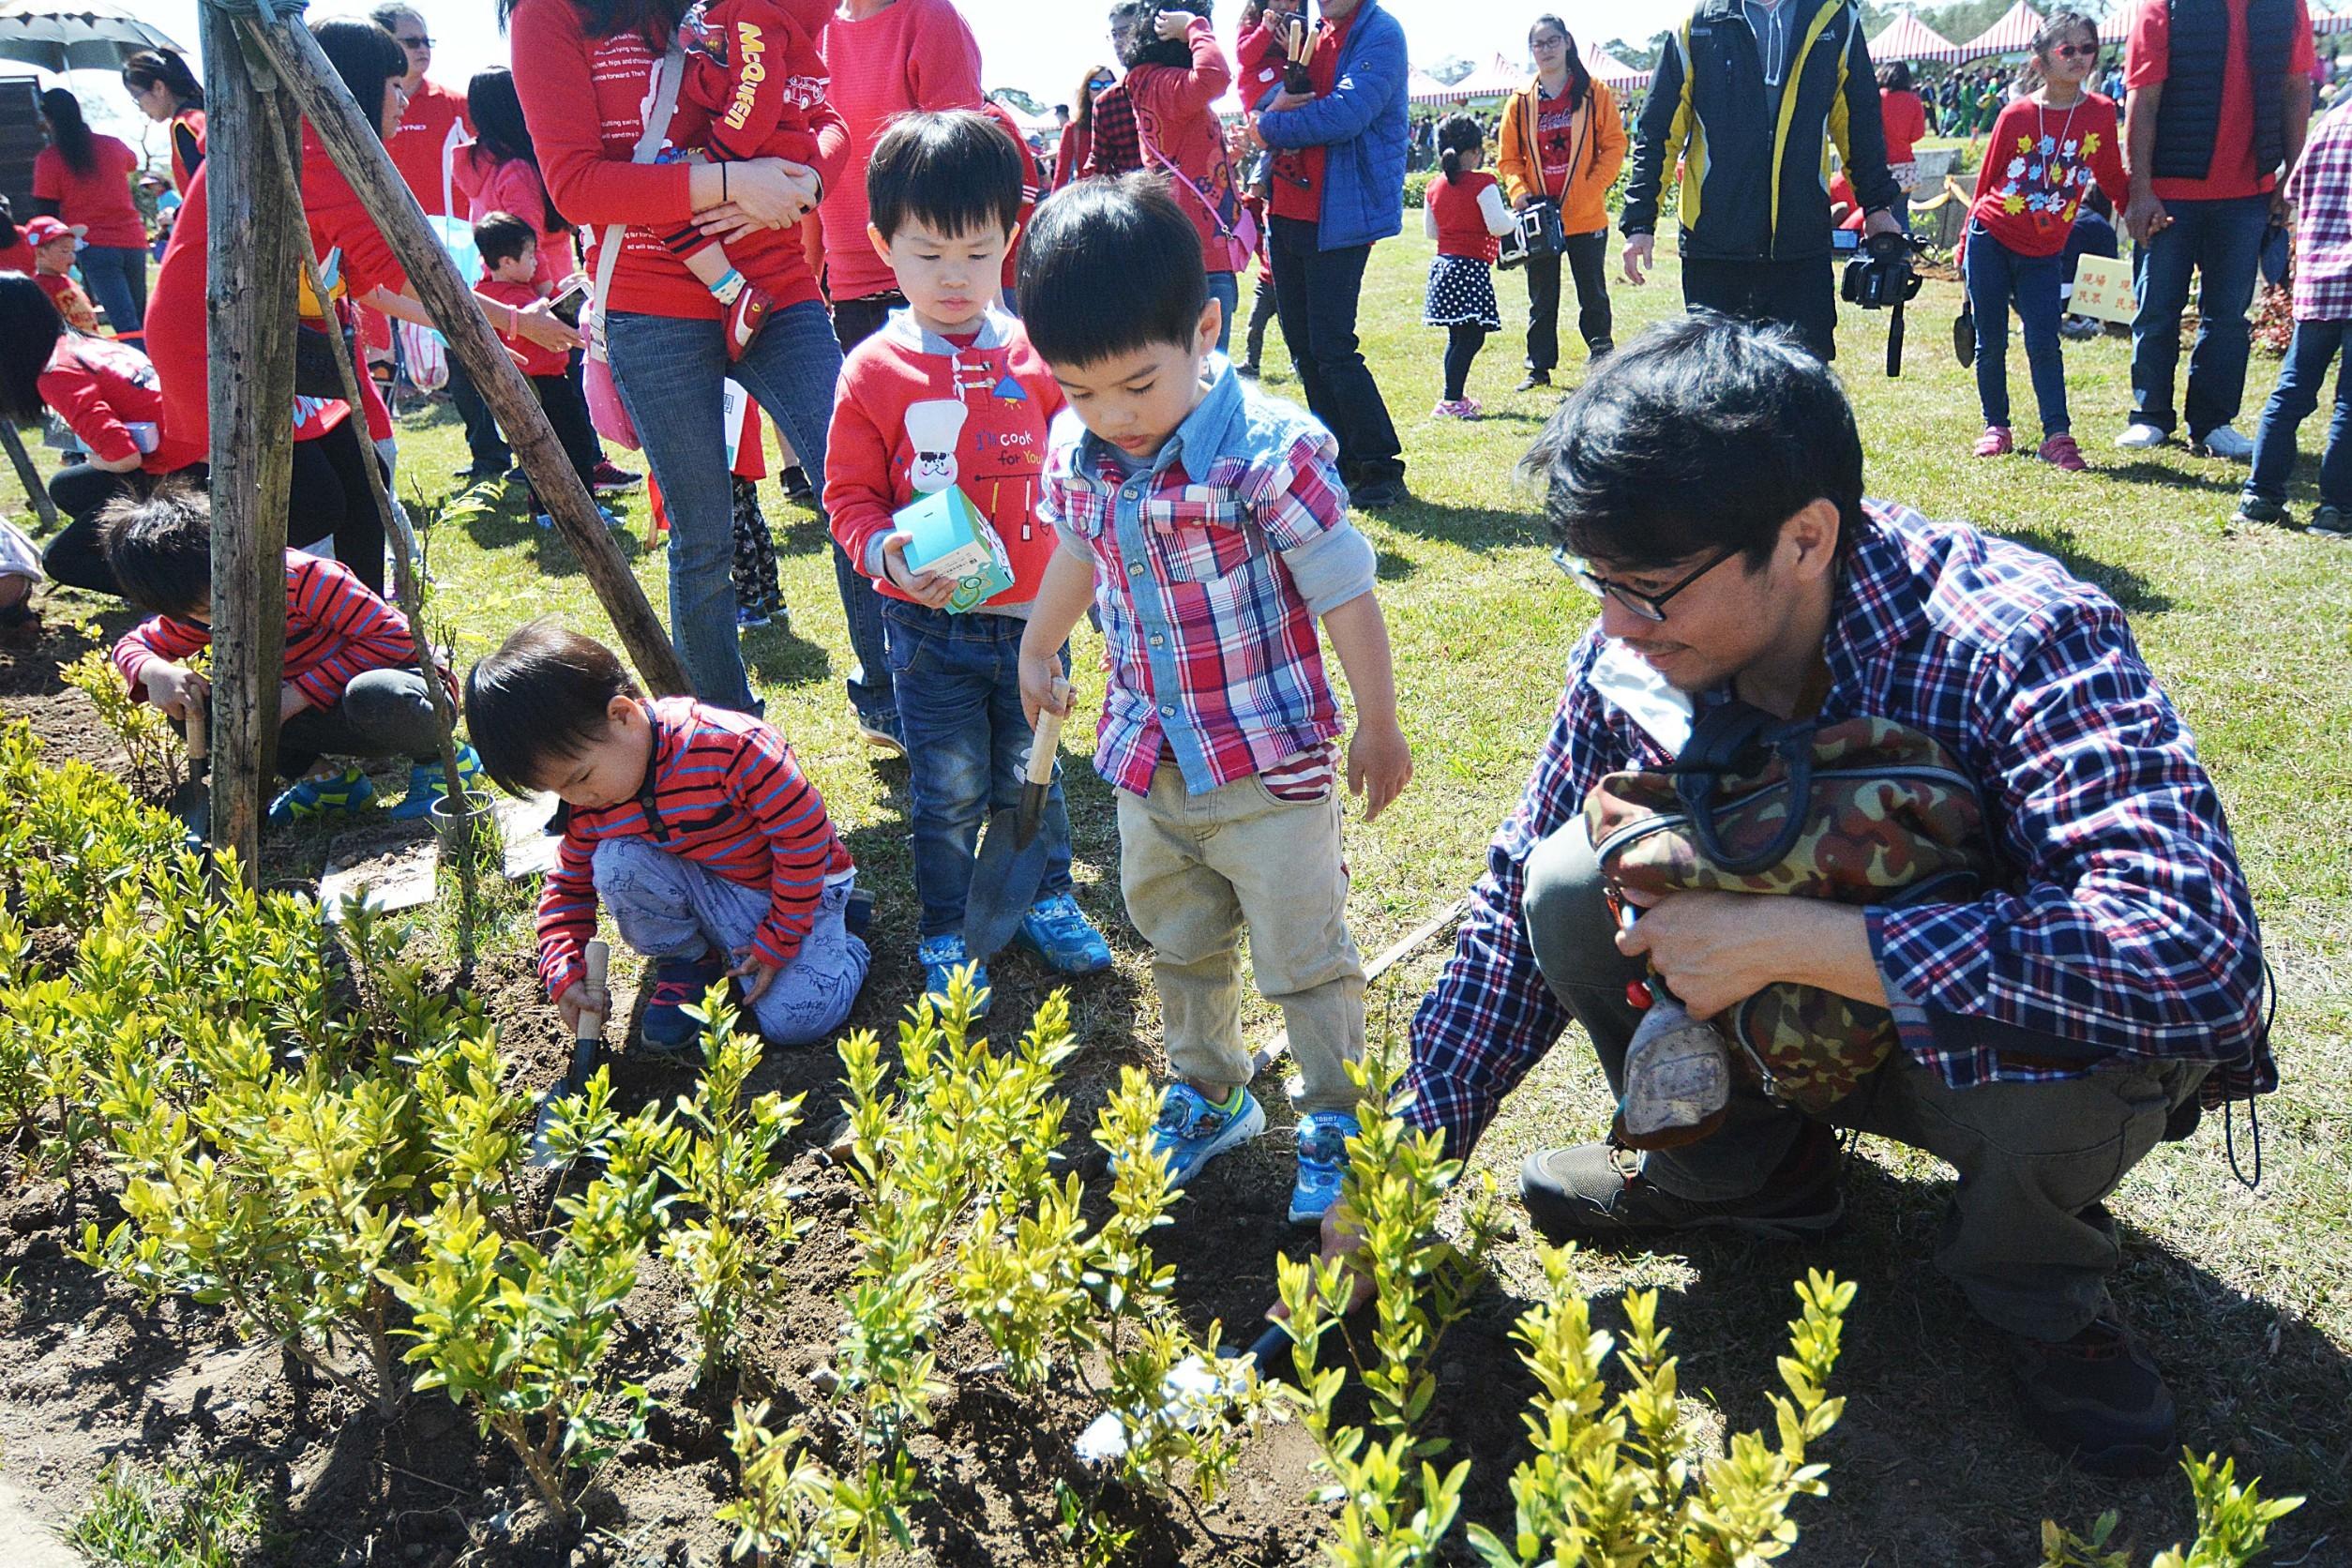 107年桃園市植樹節 鄭市長:增設四大類型公園,讓氧氣多一點、二氧化碳少一點